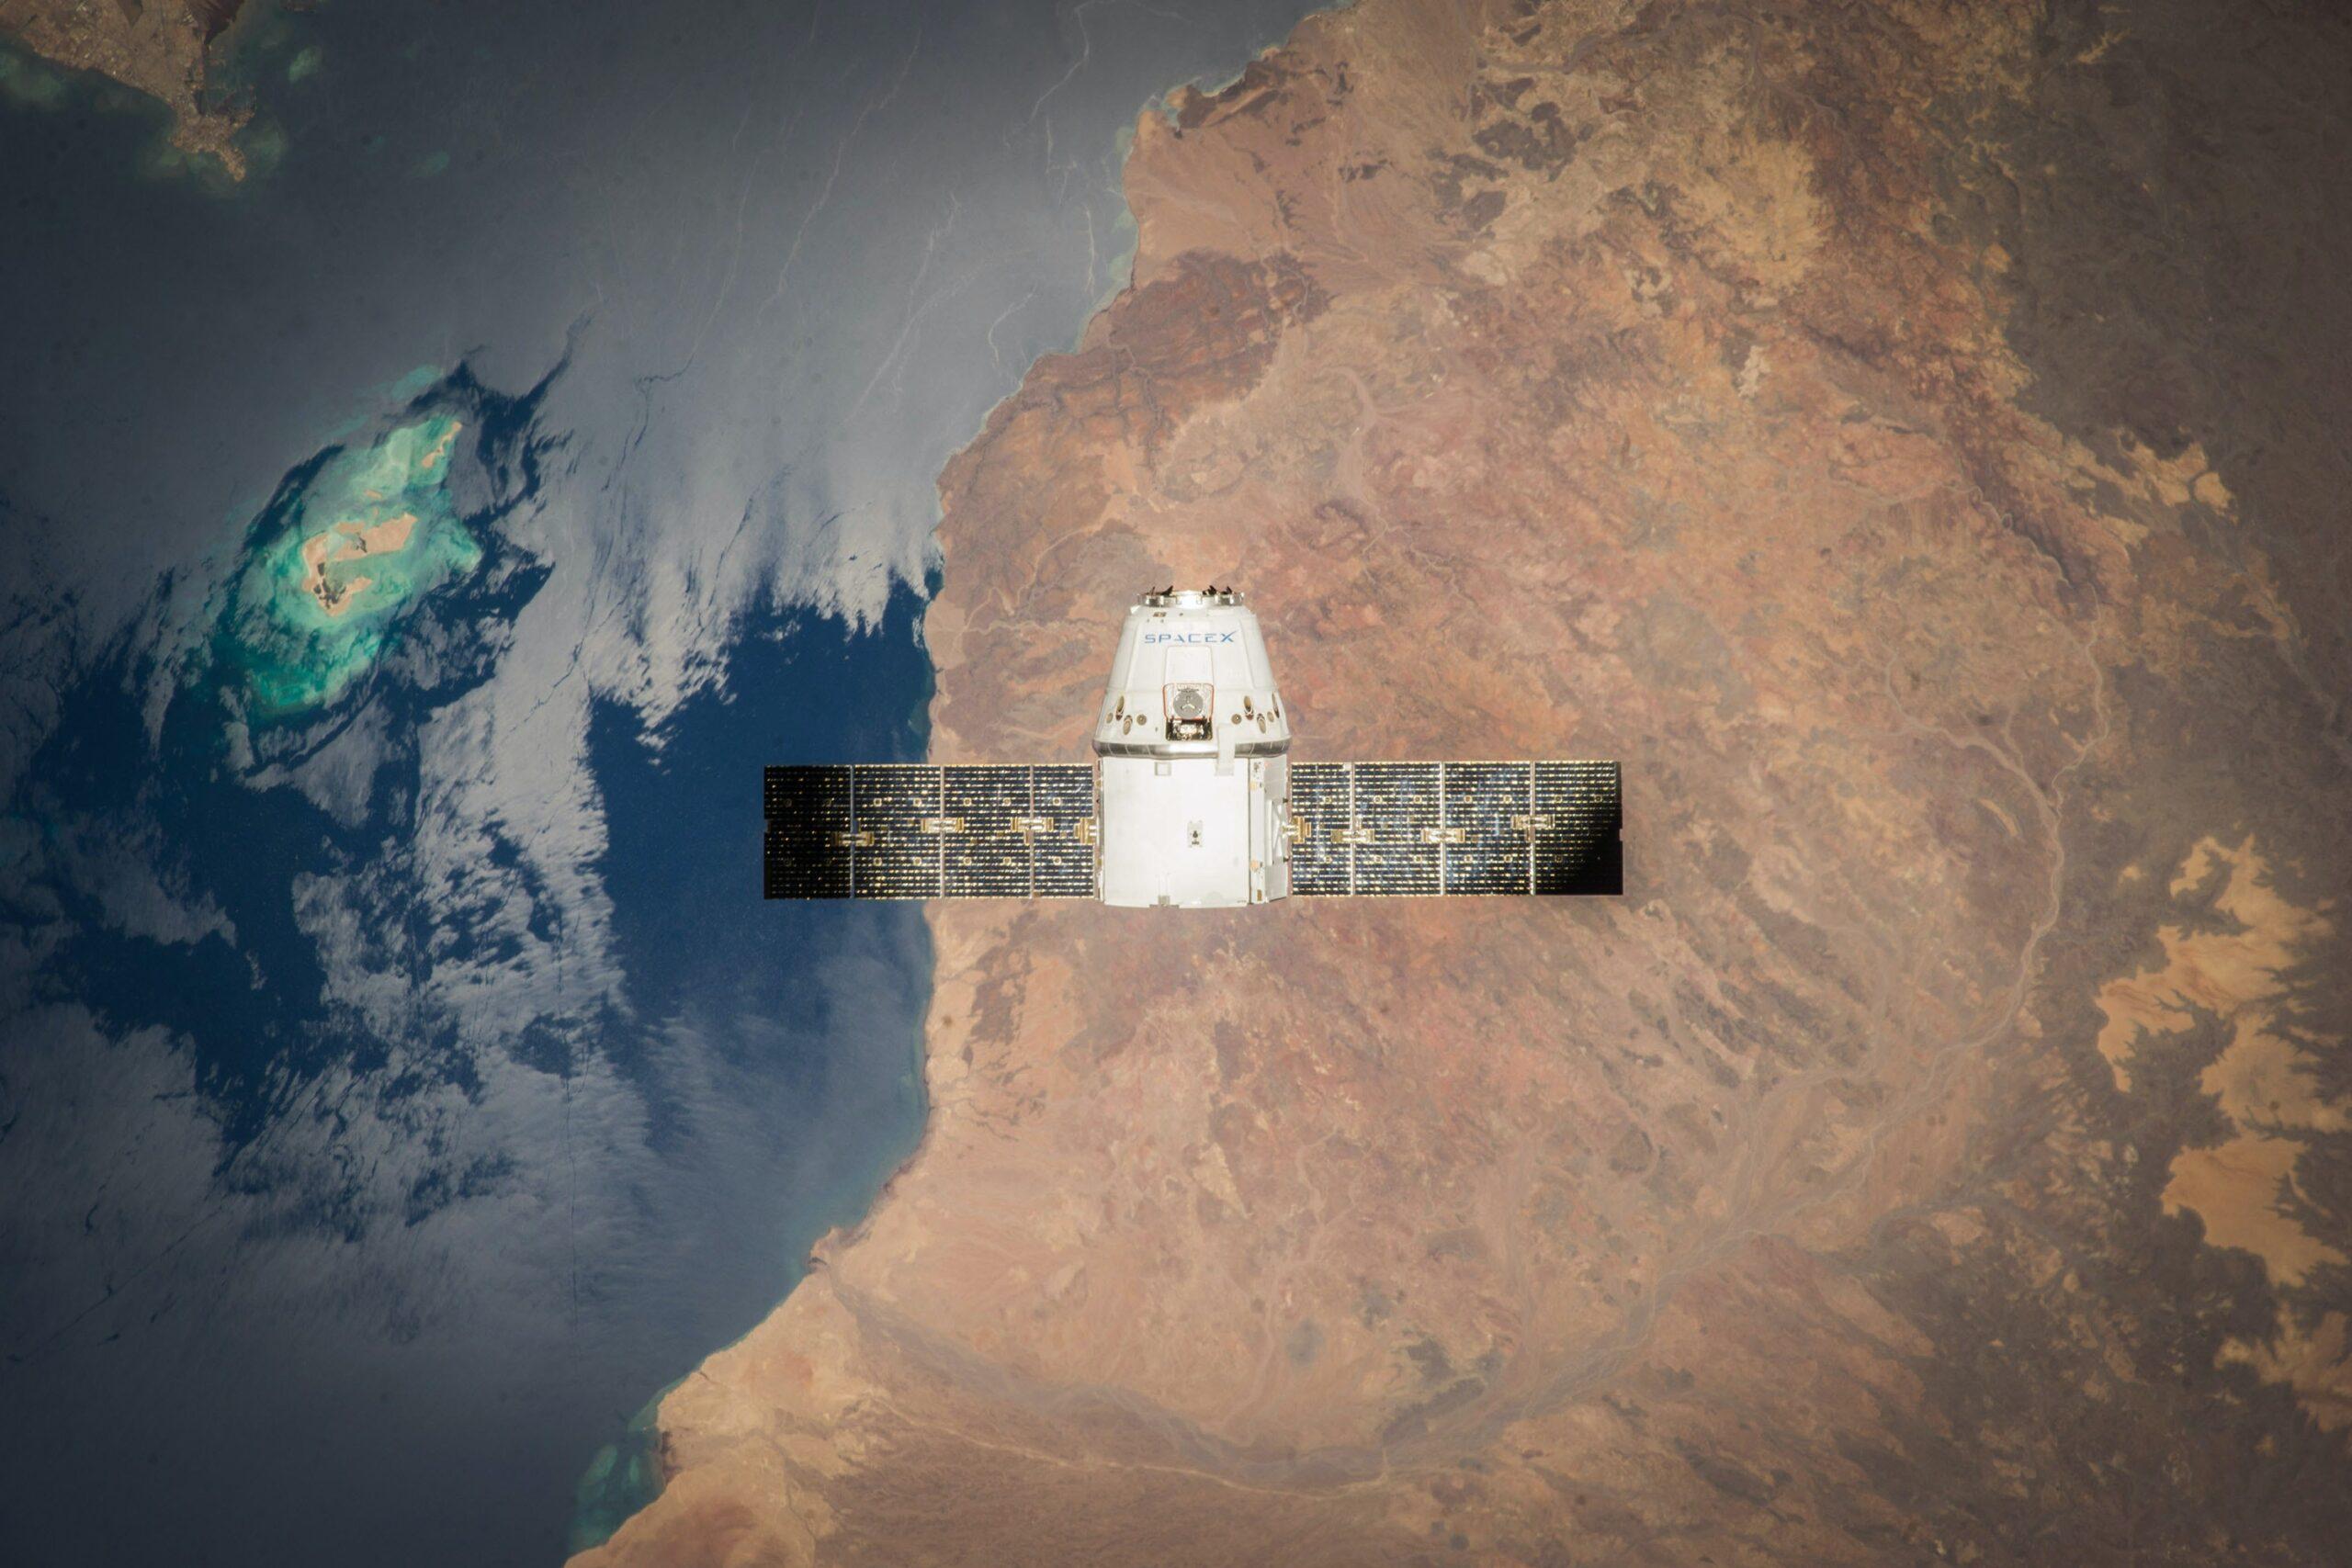 Co zmieni indeksowanie Ziemi za pomocą monitoringu satelitarnego?